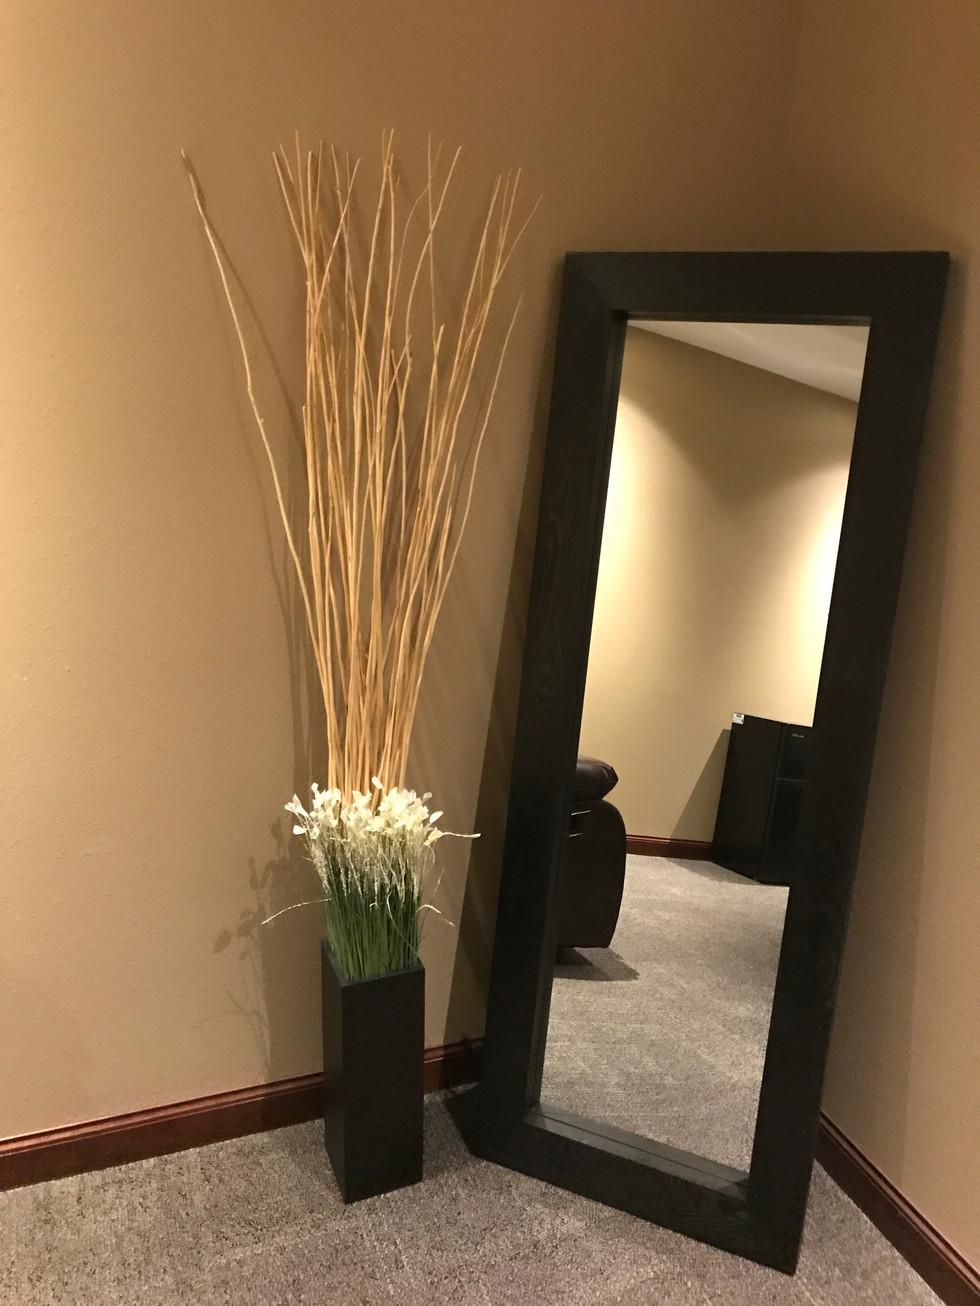 LVE Groom Room Mirror.JPG